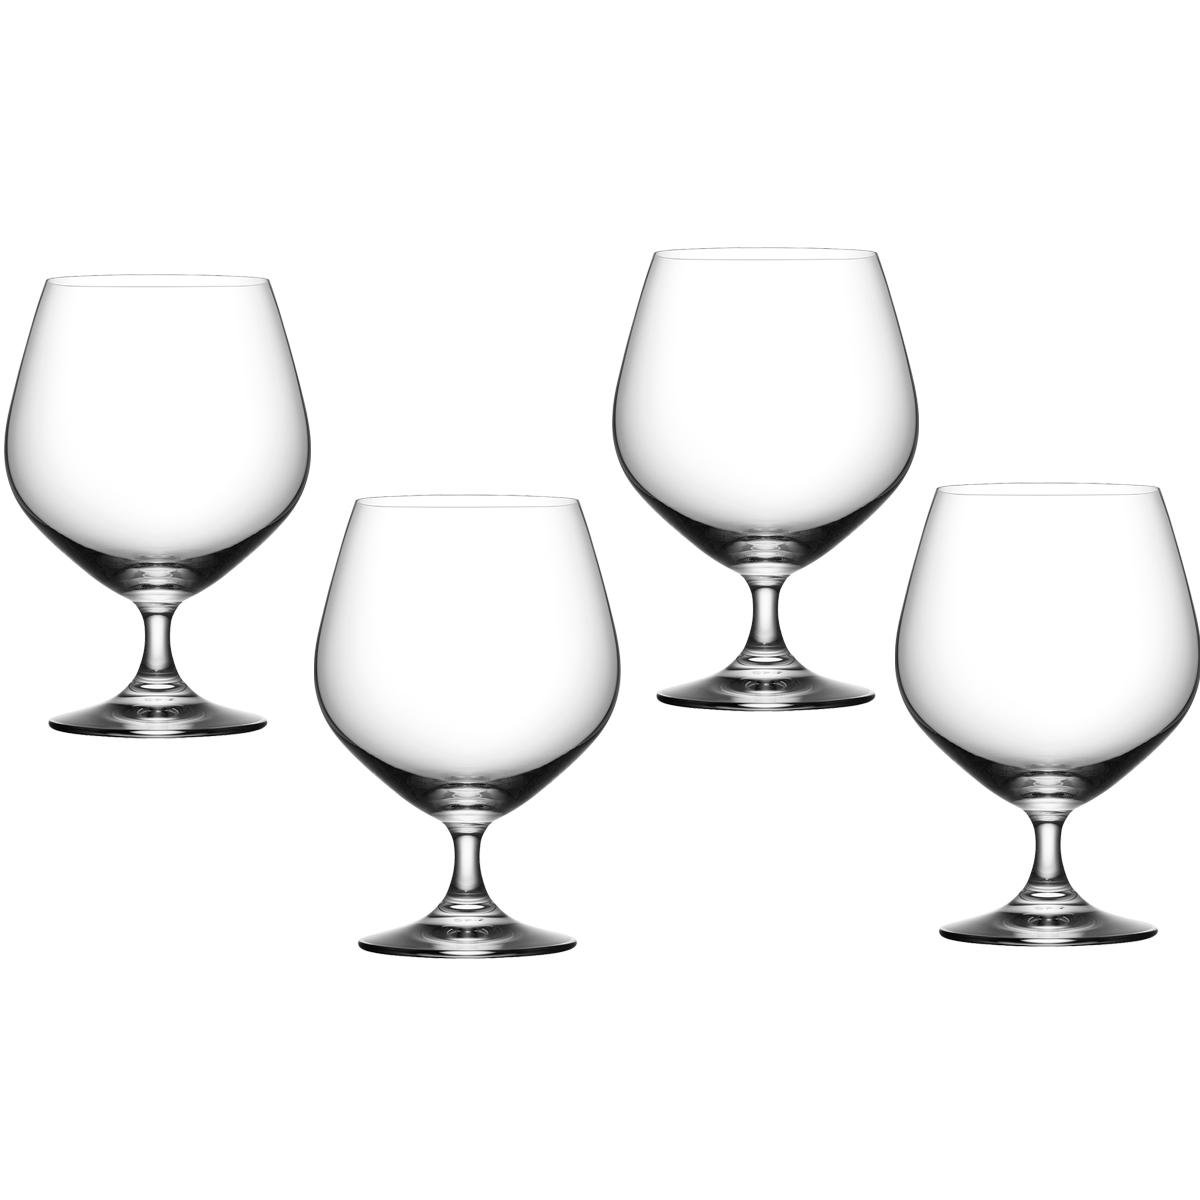 Billede af Orrefors cognacglas - Prestige - 4 stk.